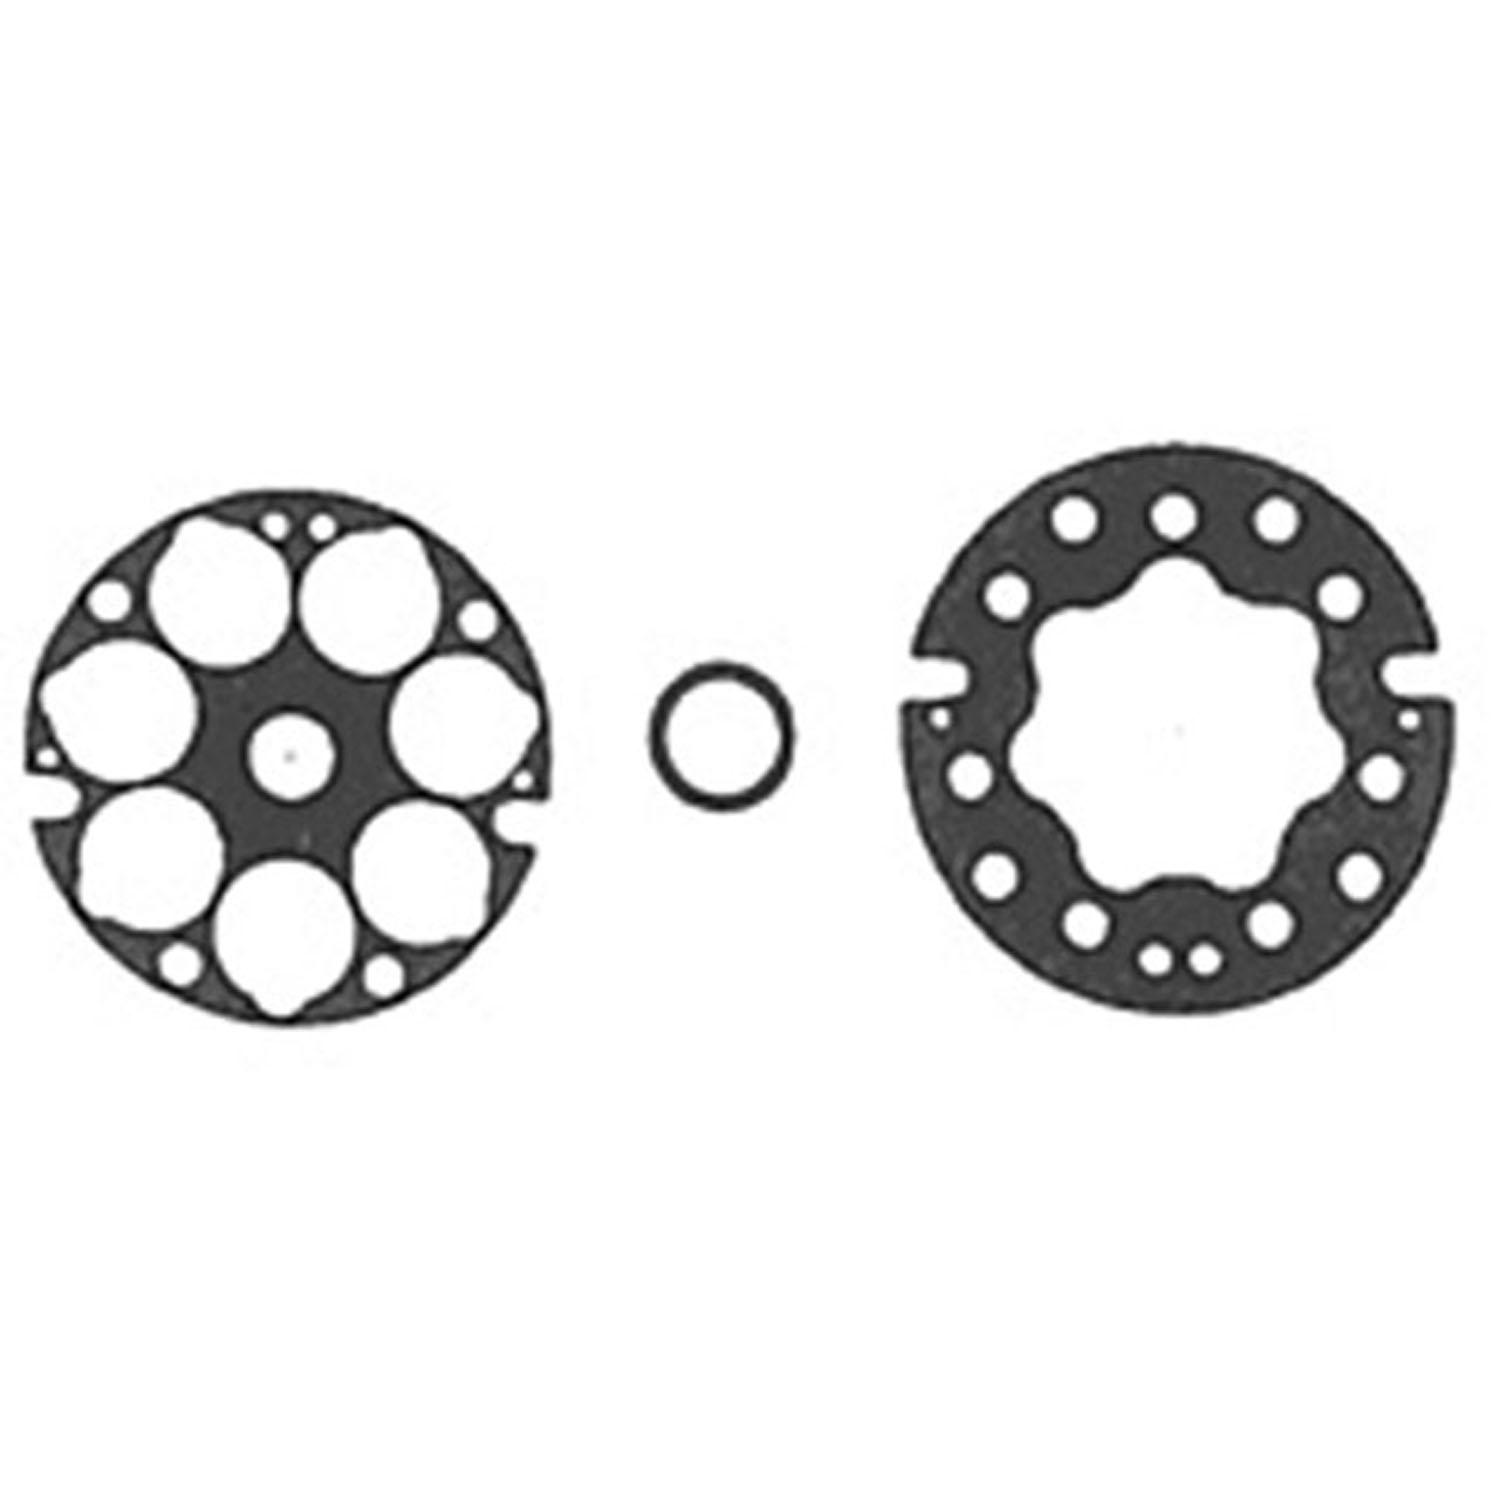 Oring Seal and Gasket Kit SD708 709 OR GSKT KT